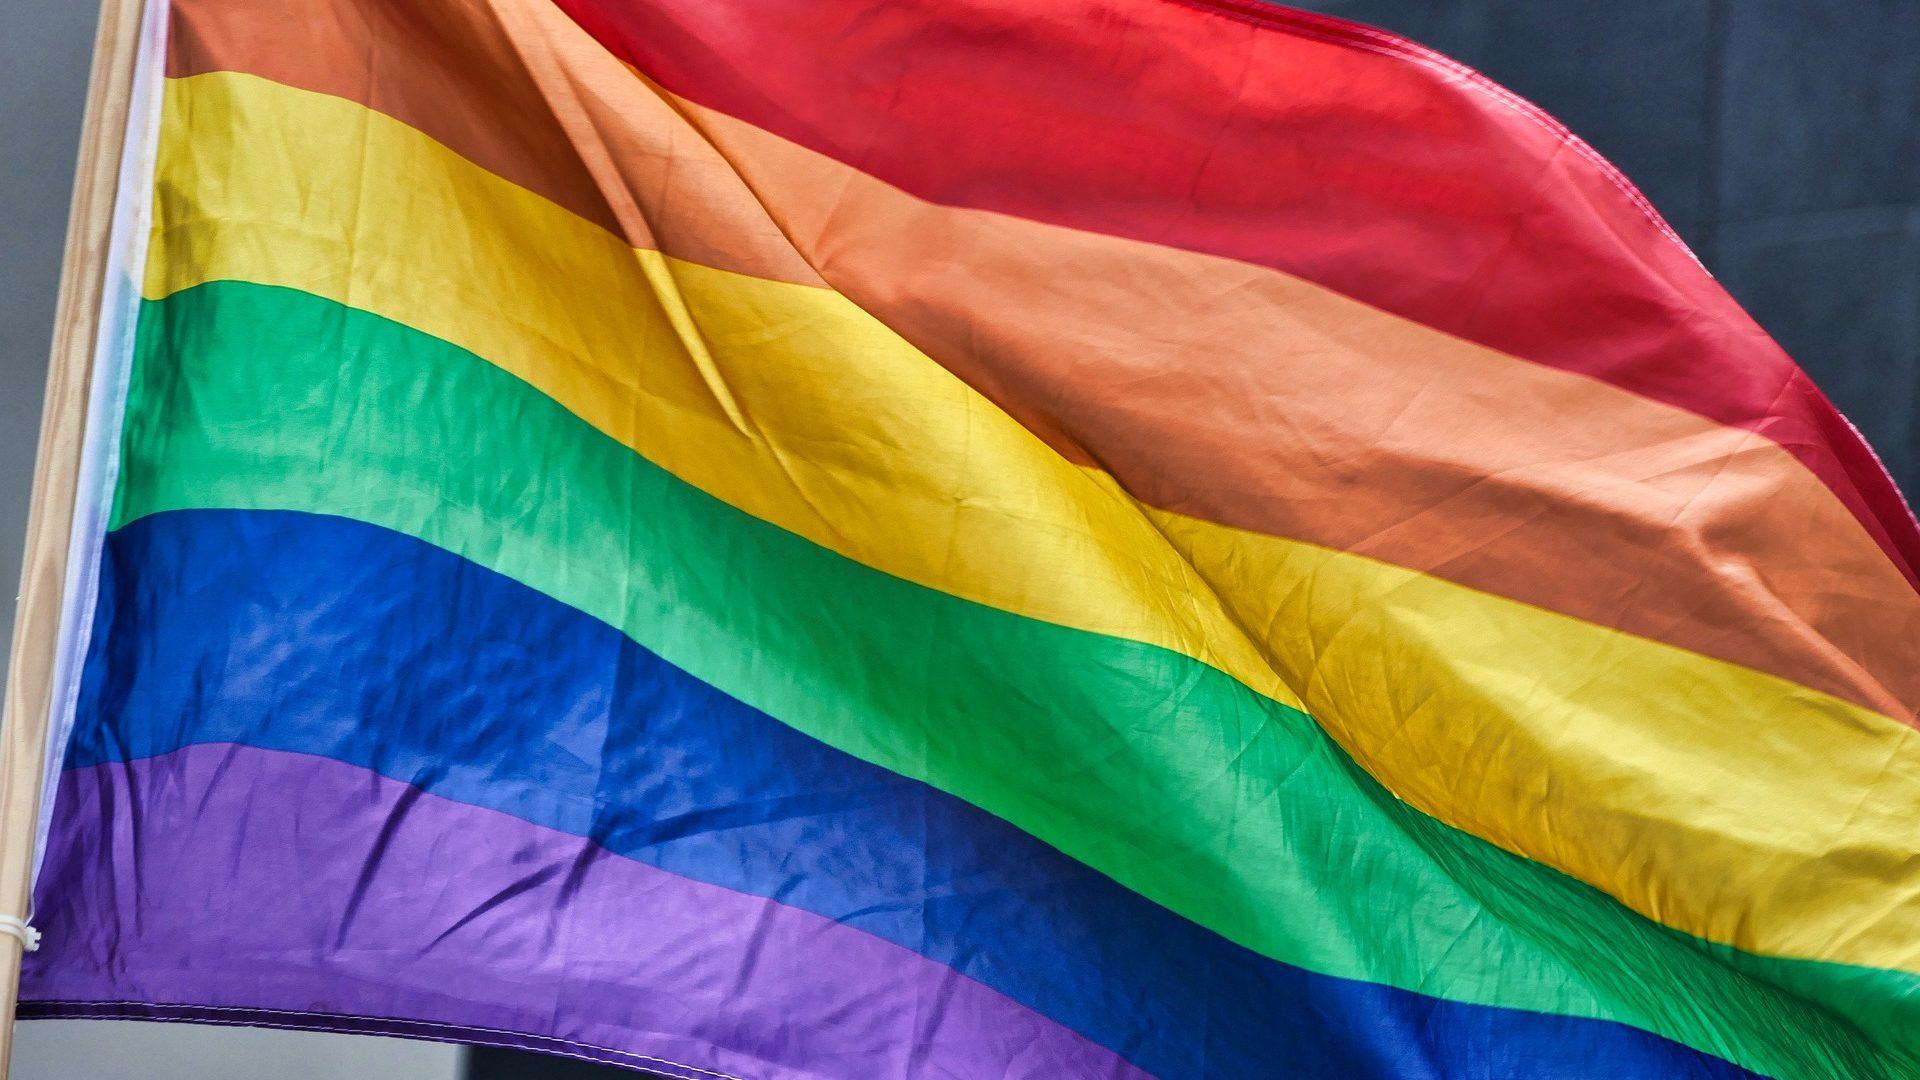 #actout: Ein wichtiger Schritt für die LGBTQI*-Community